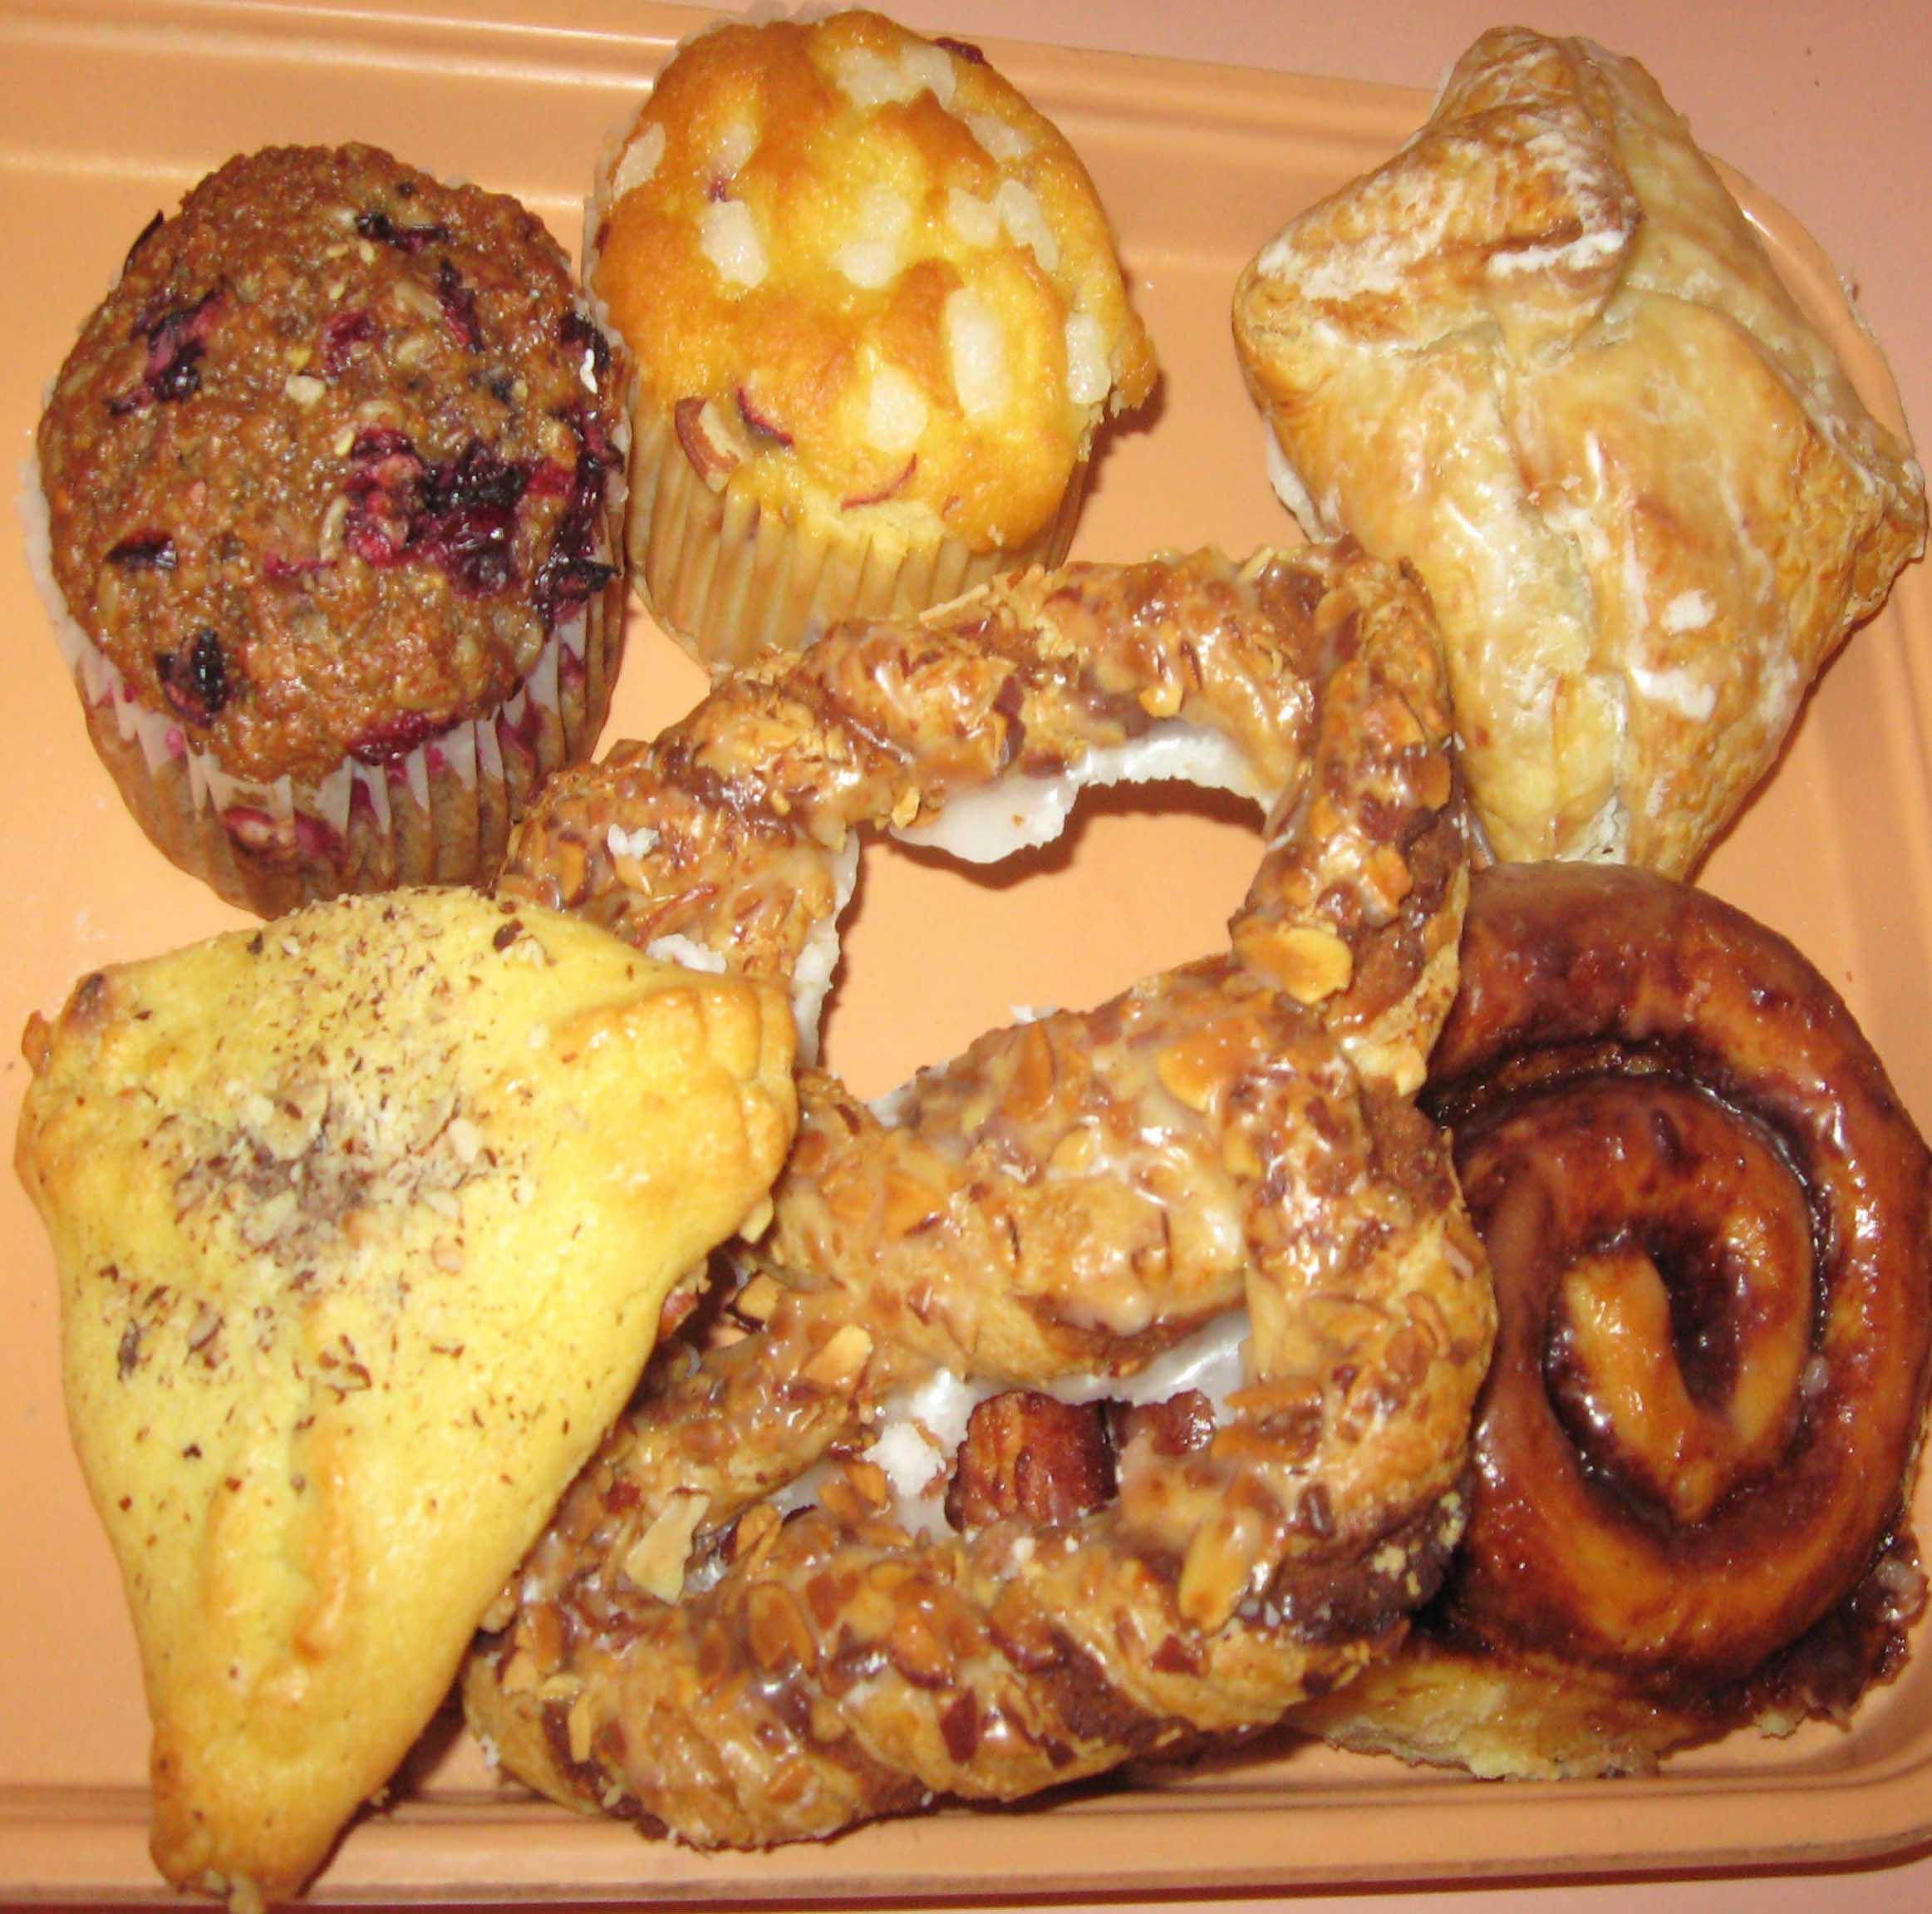 Assortment of breakfast Pastries